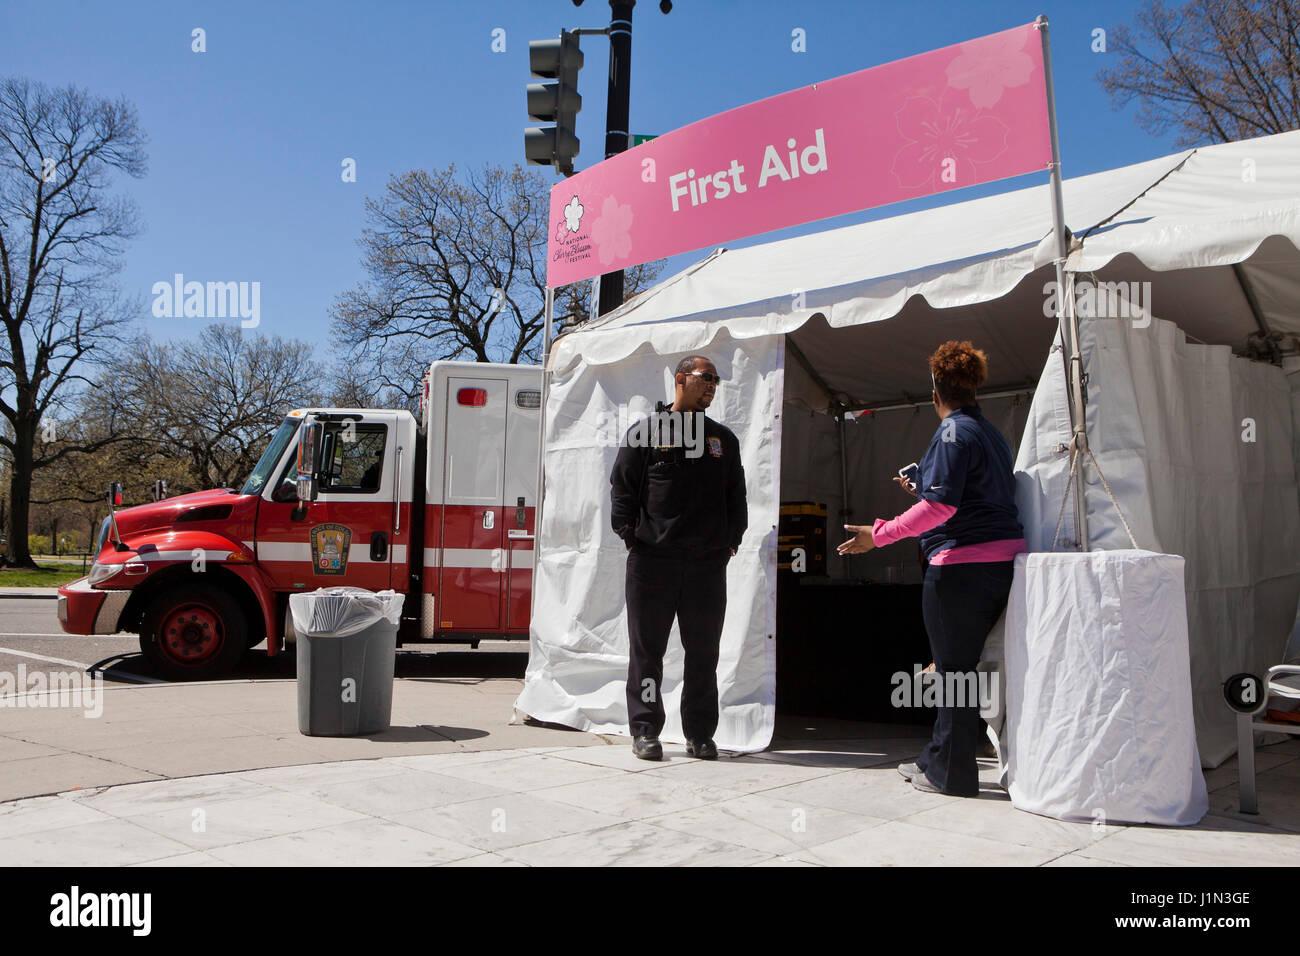 Primo Soccorso tenda ad un evento esterno - USA Immagini Stock